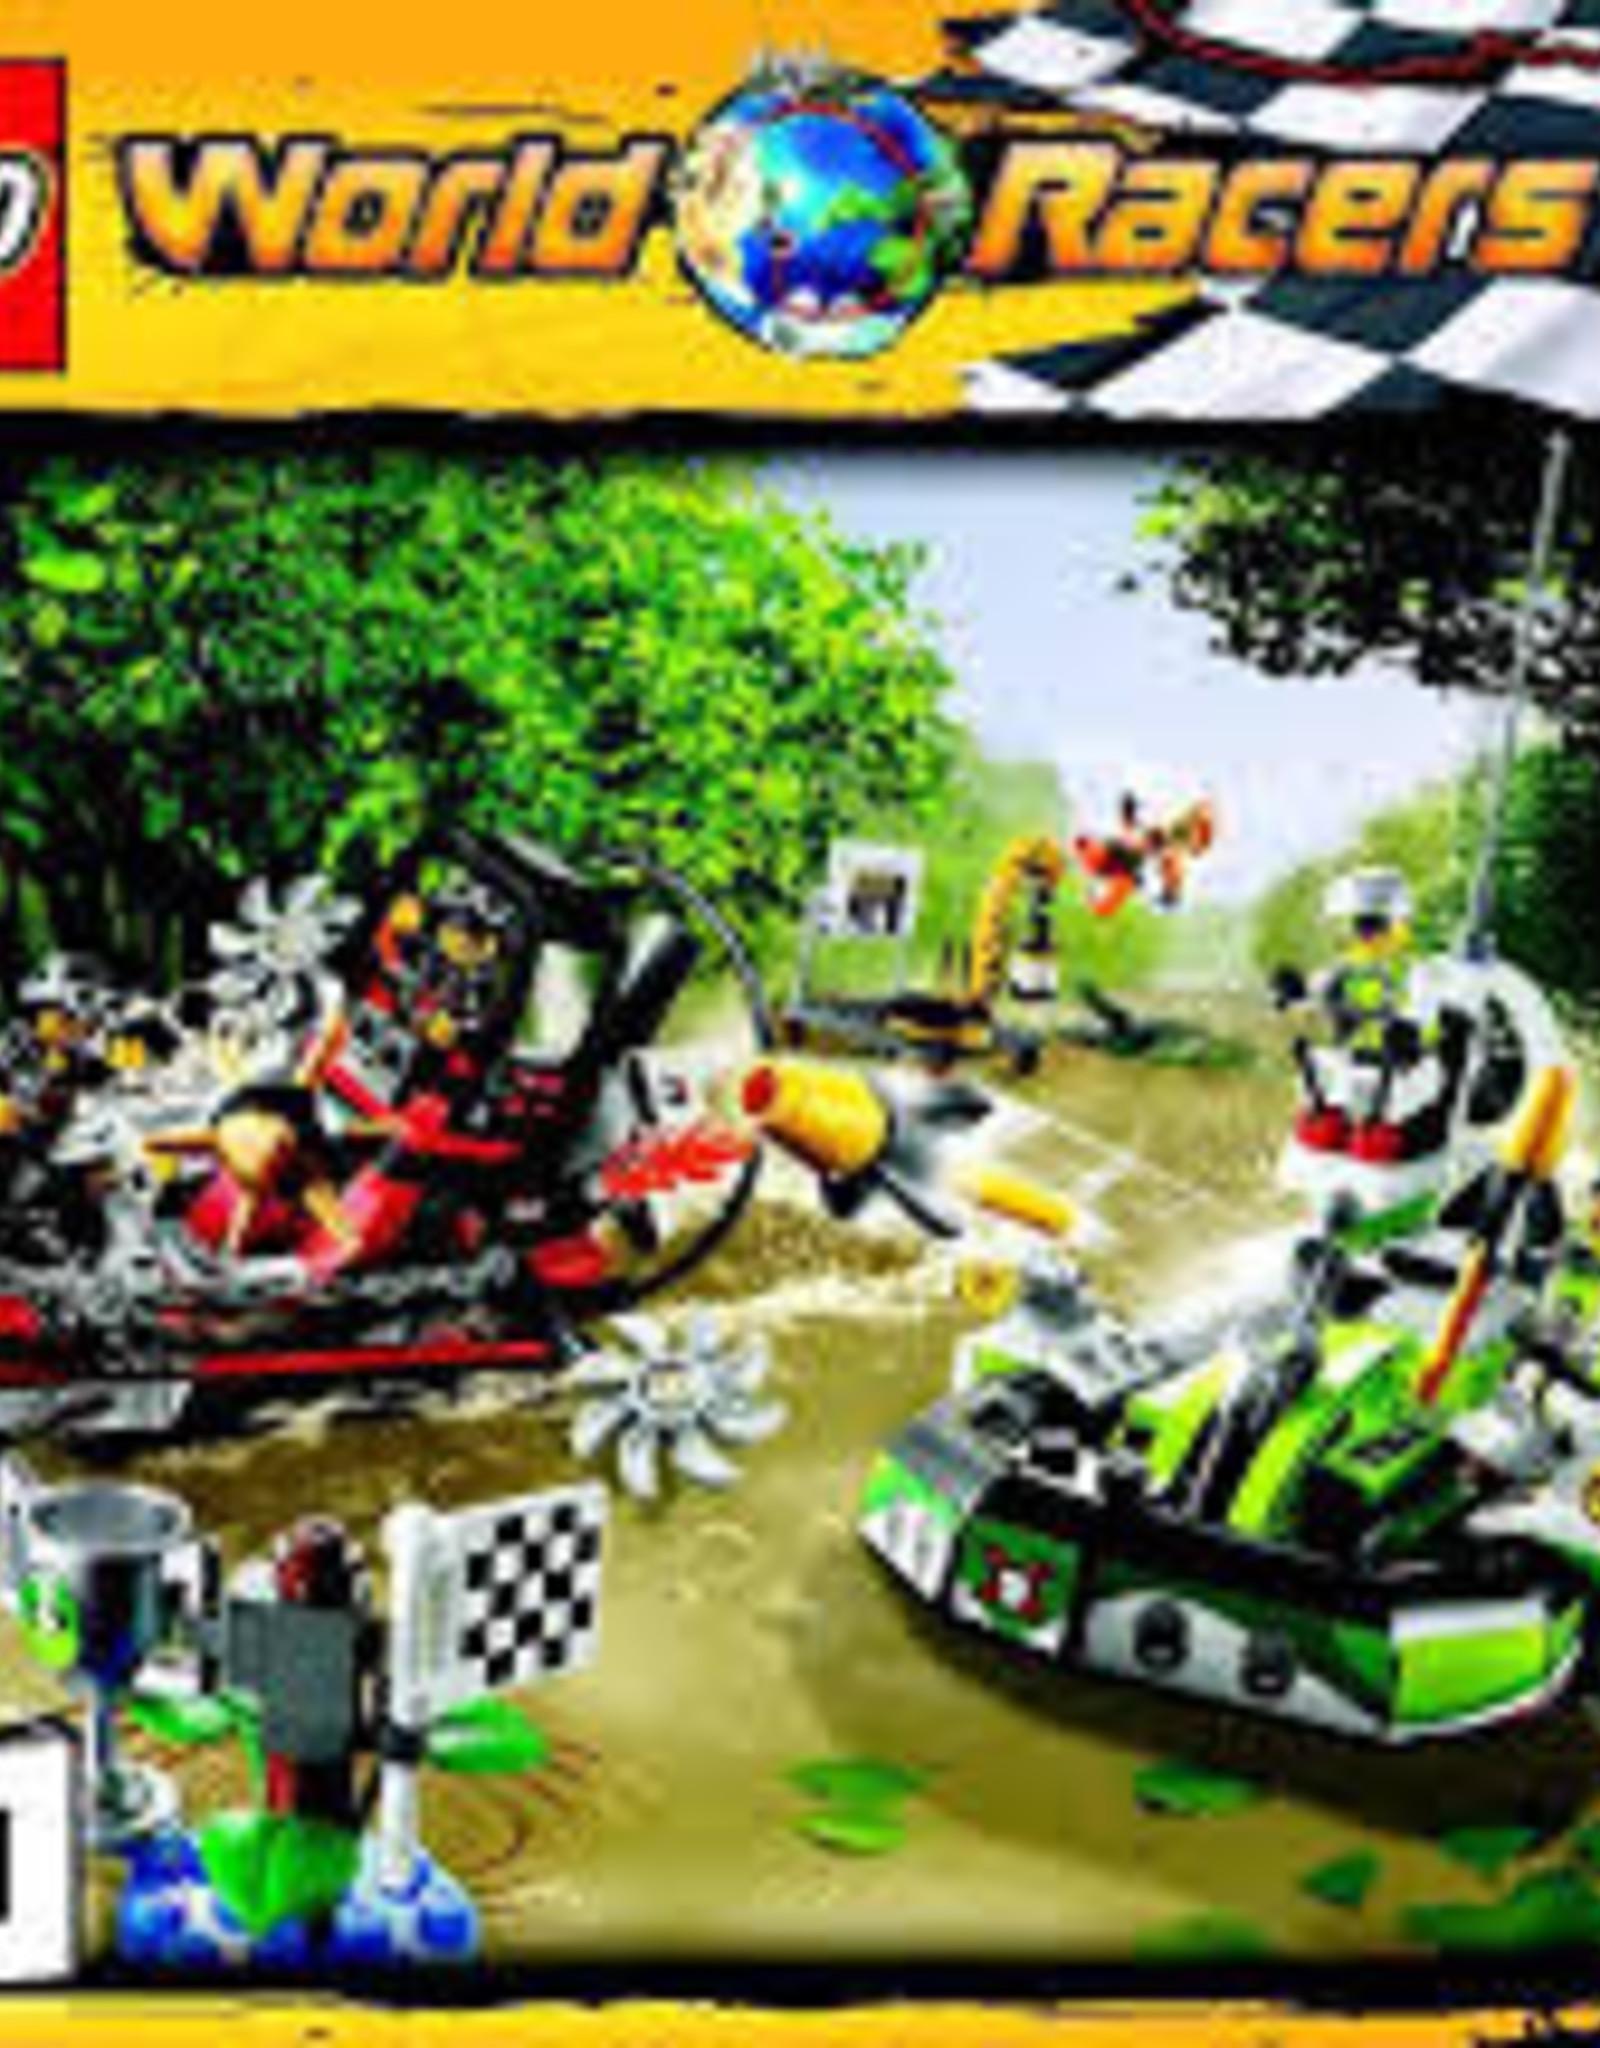 LEGO LEGO 8899 Gator Swamp WORLD RACERS